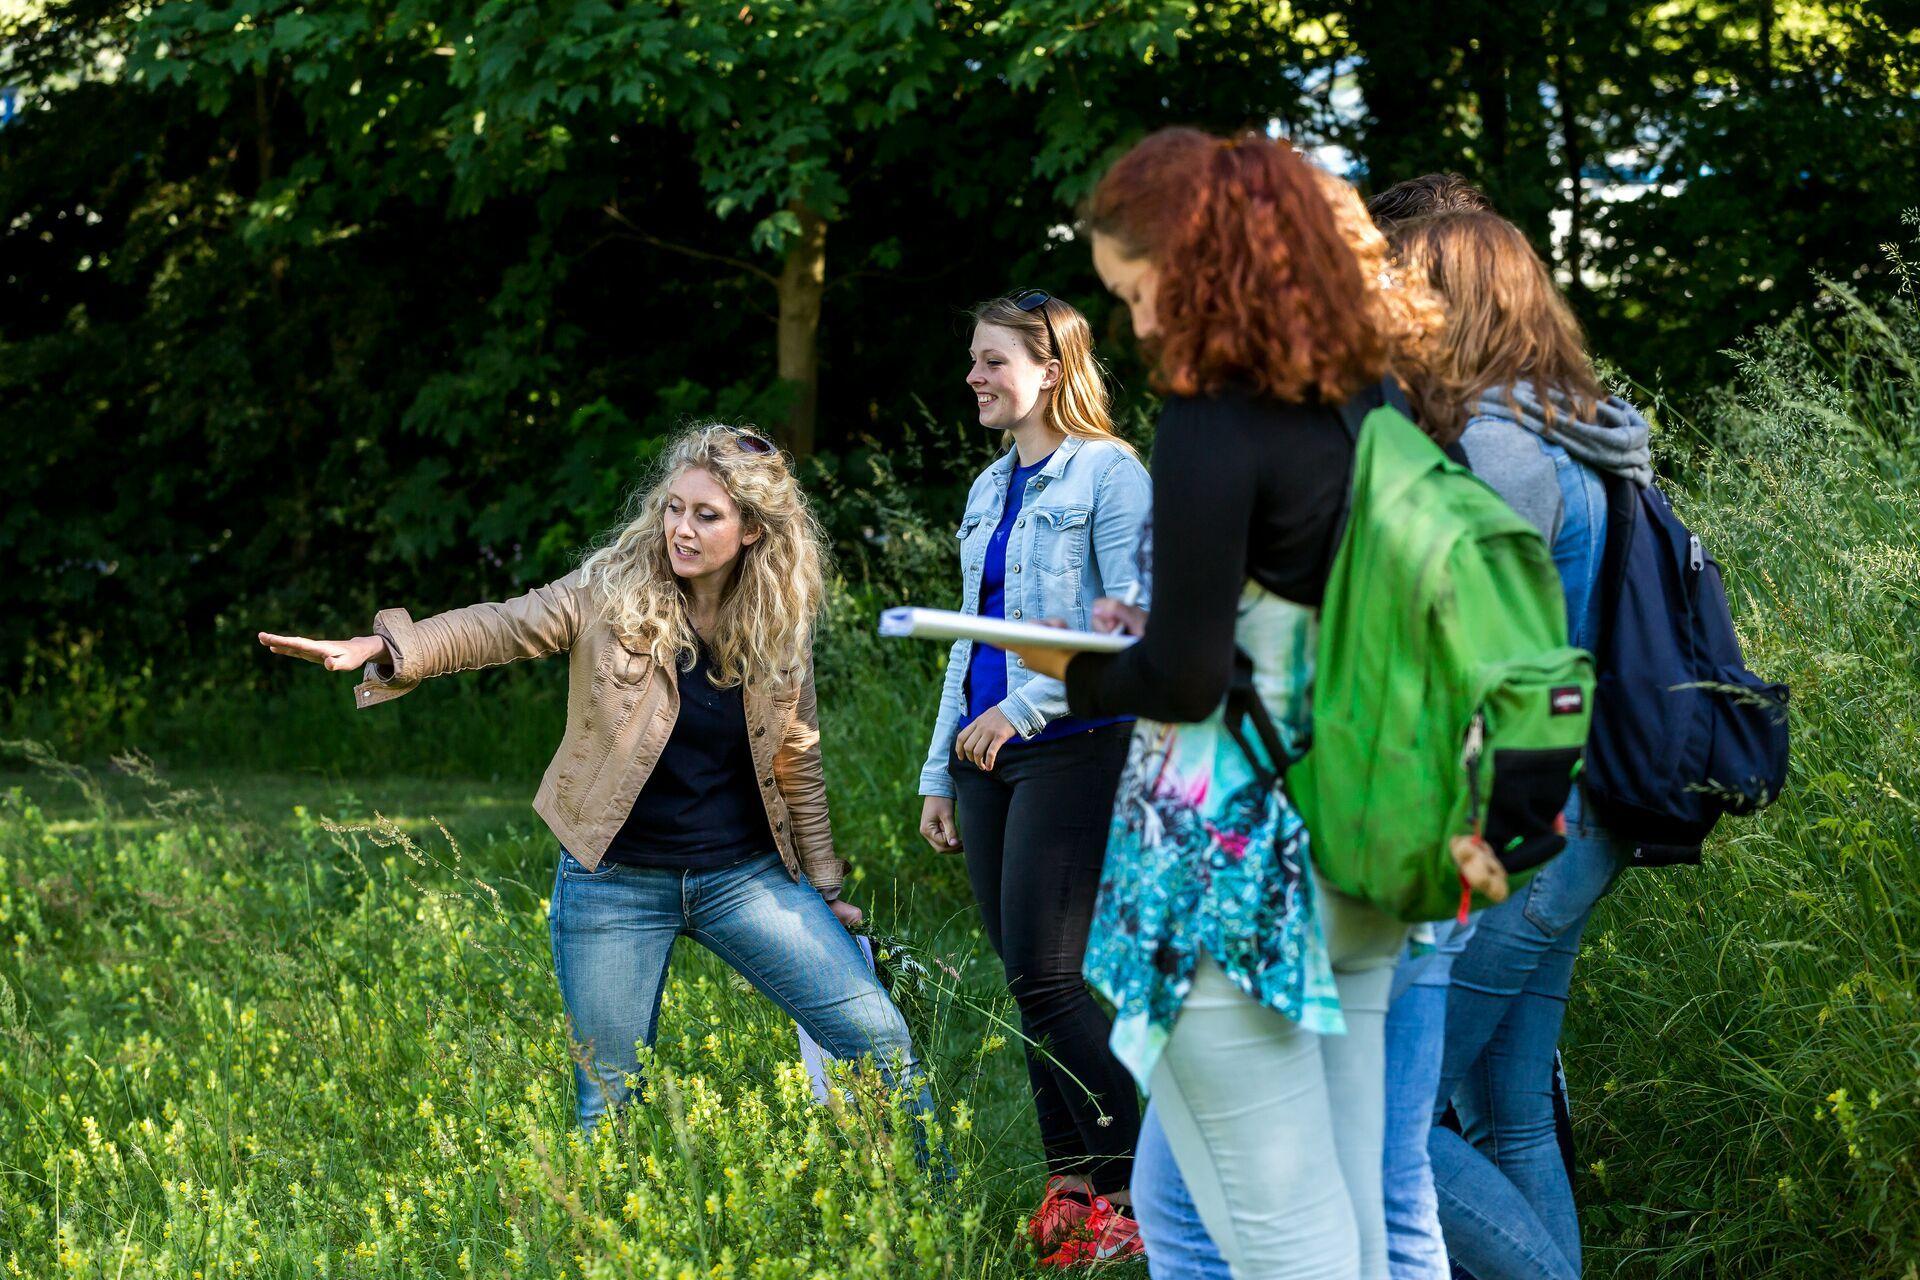 Larenstein opleiding bestaat 120 jaar for Opleiding tuin